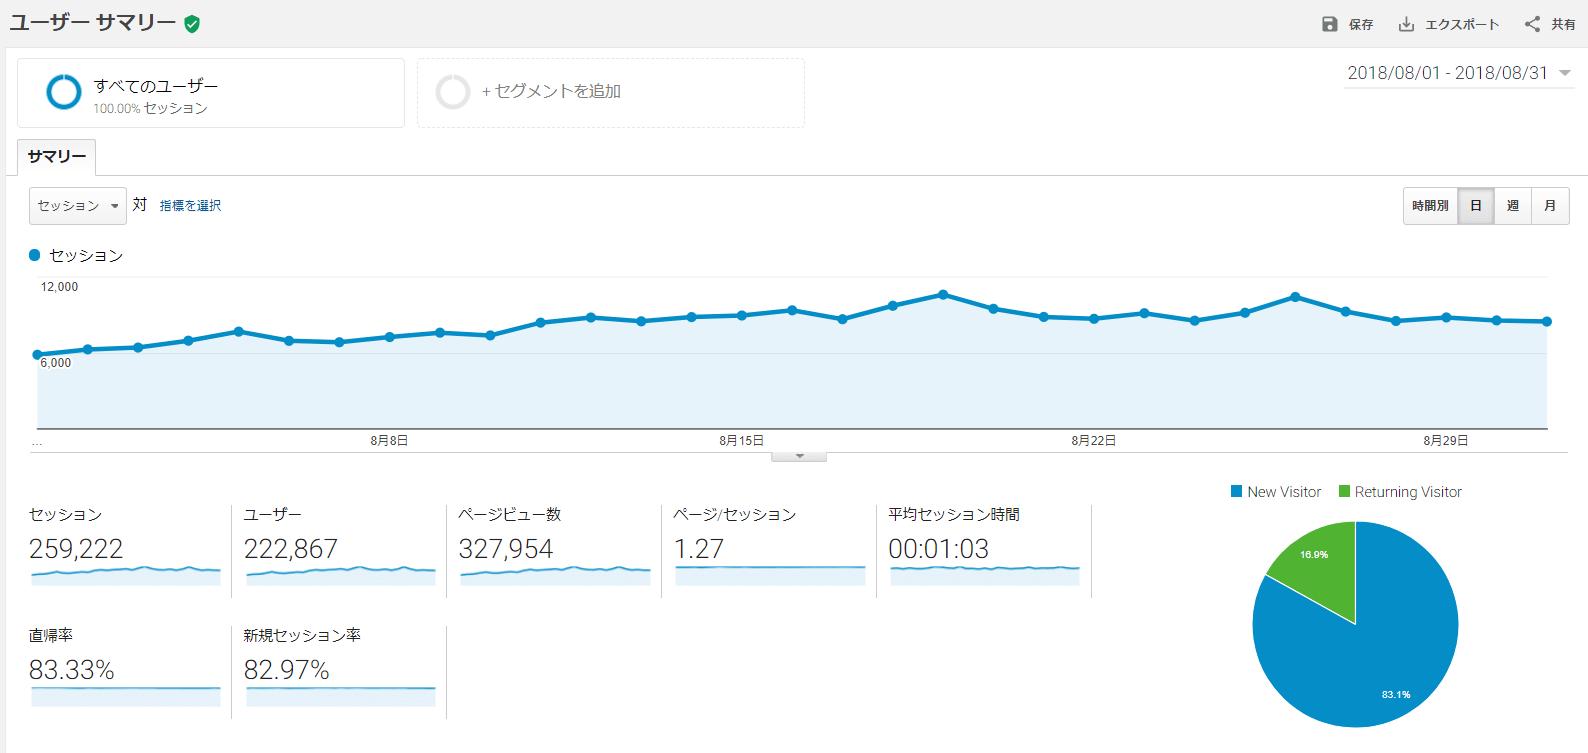 SoundZoo 2018年8月の月間報告「30万PV達成」